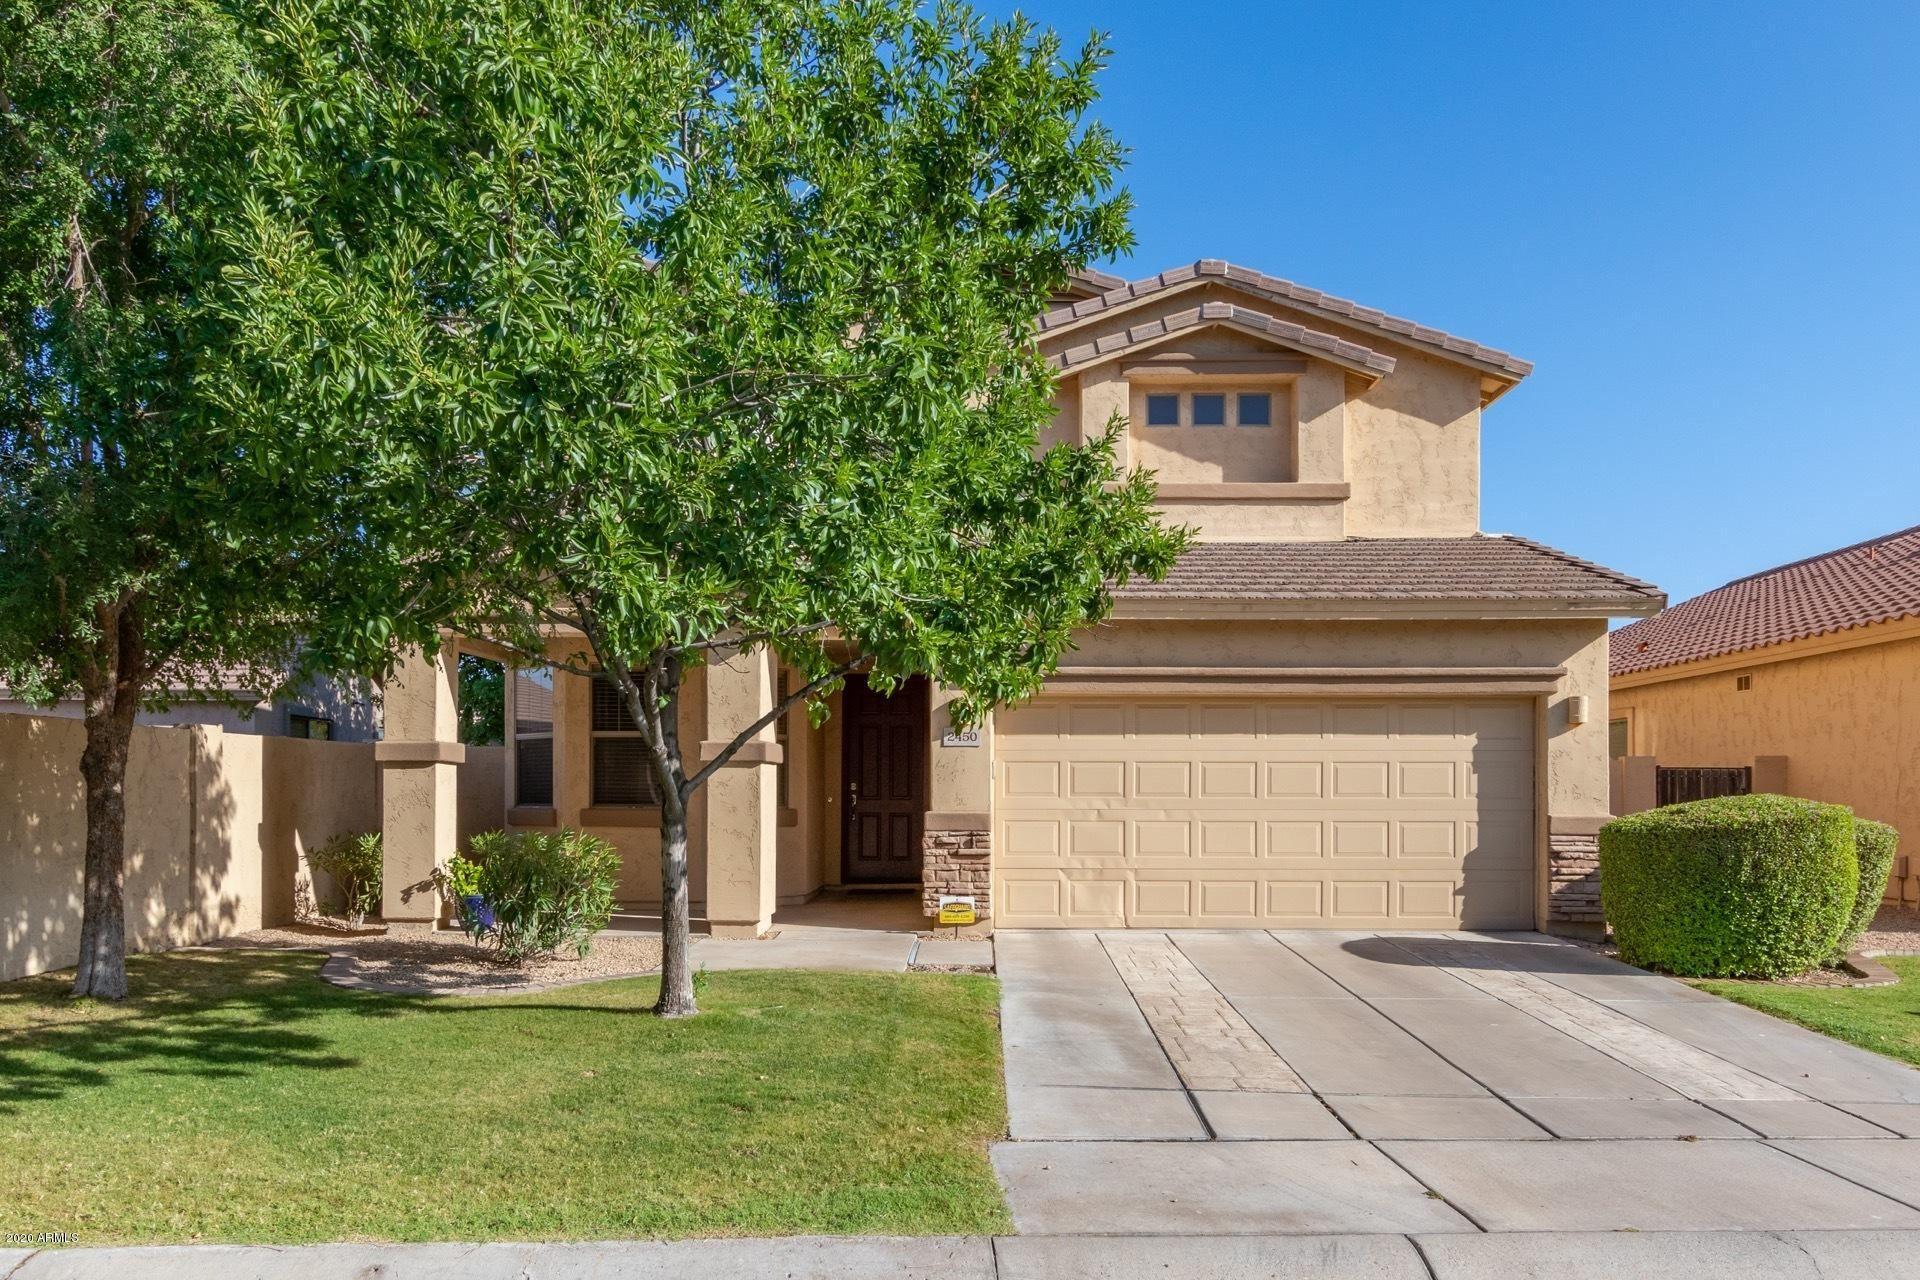 2450 E DARREL Road, Phoenix, AZ 85042 - #: 6099231